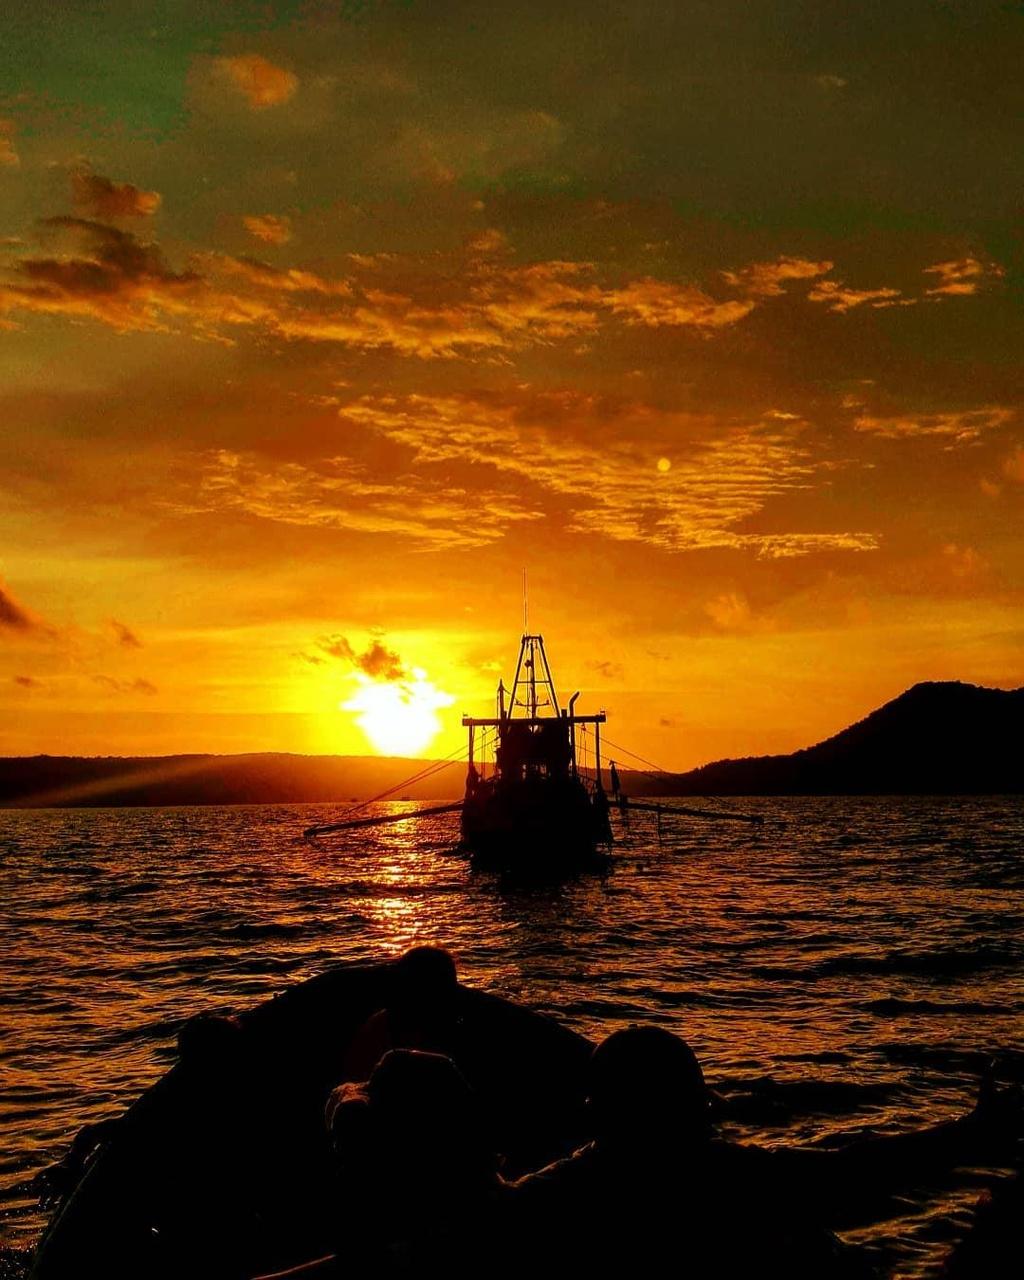 Toi Campuchia, lac loi giua thien duong bien dep ngo Maldives hinh anh 5